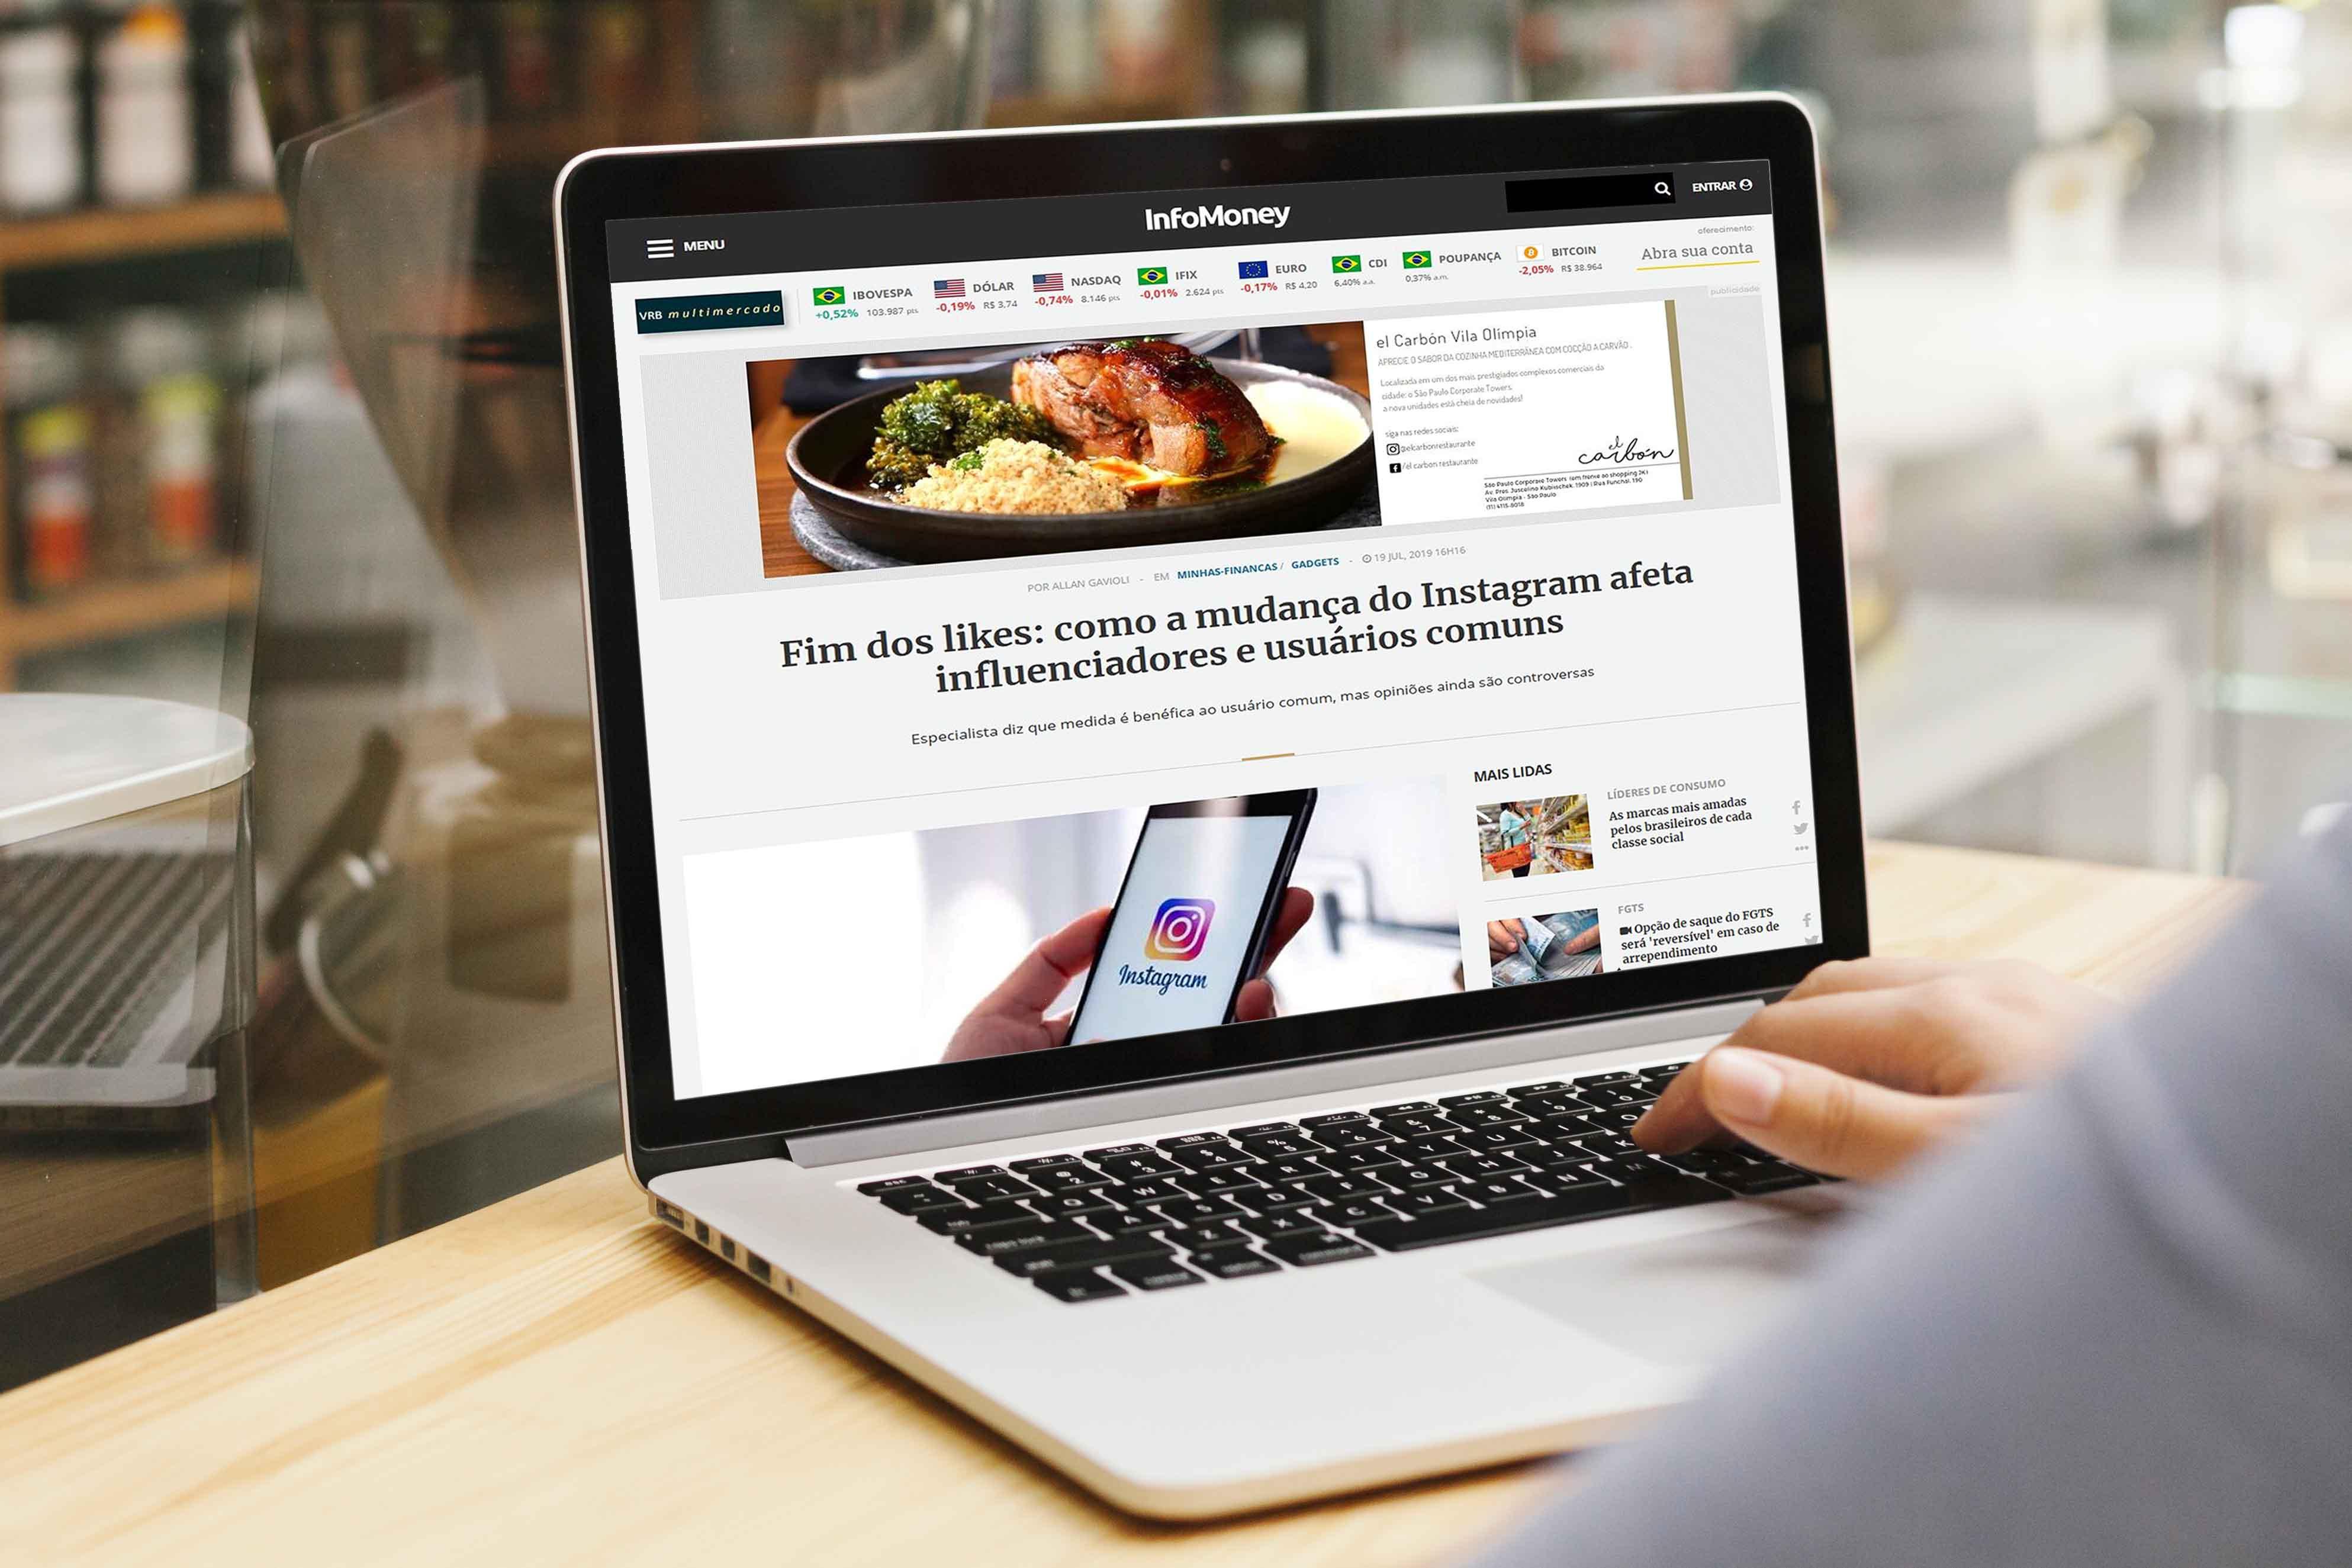 Matéria – Fim dos likes: como a mudança do Instagram afeta influenciadores e usuários comuns – Infomoney